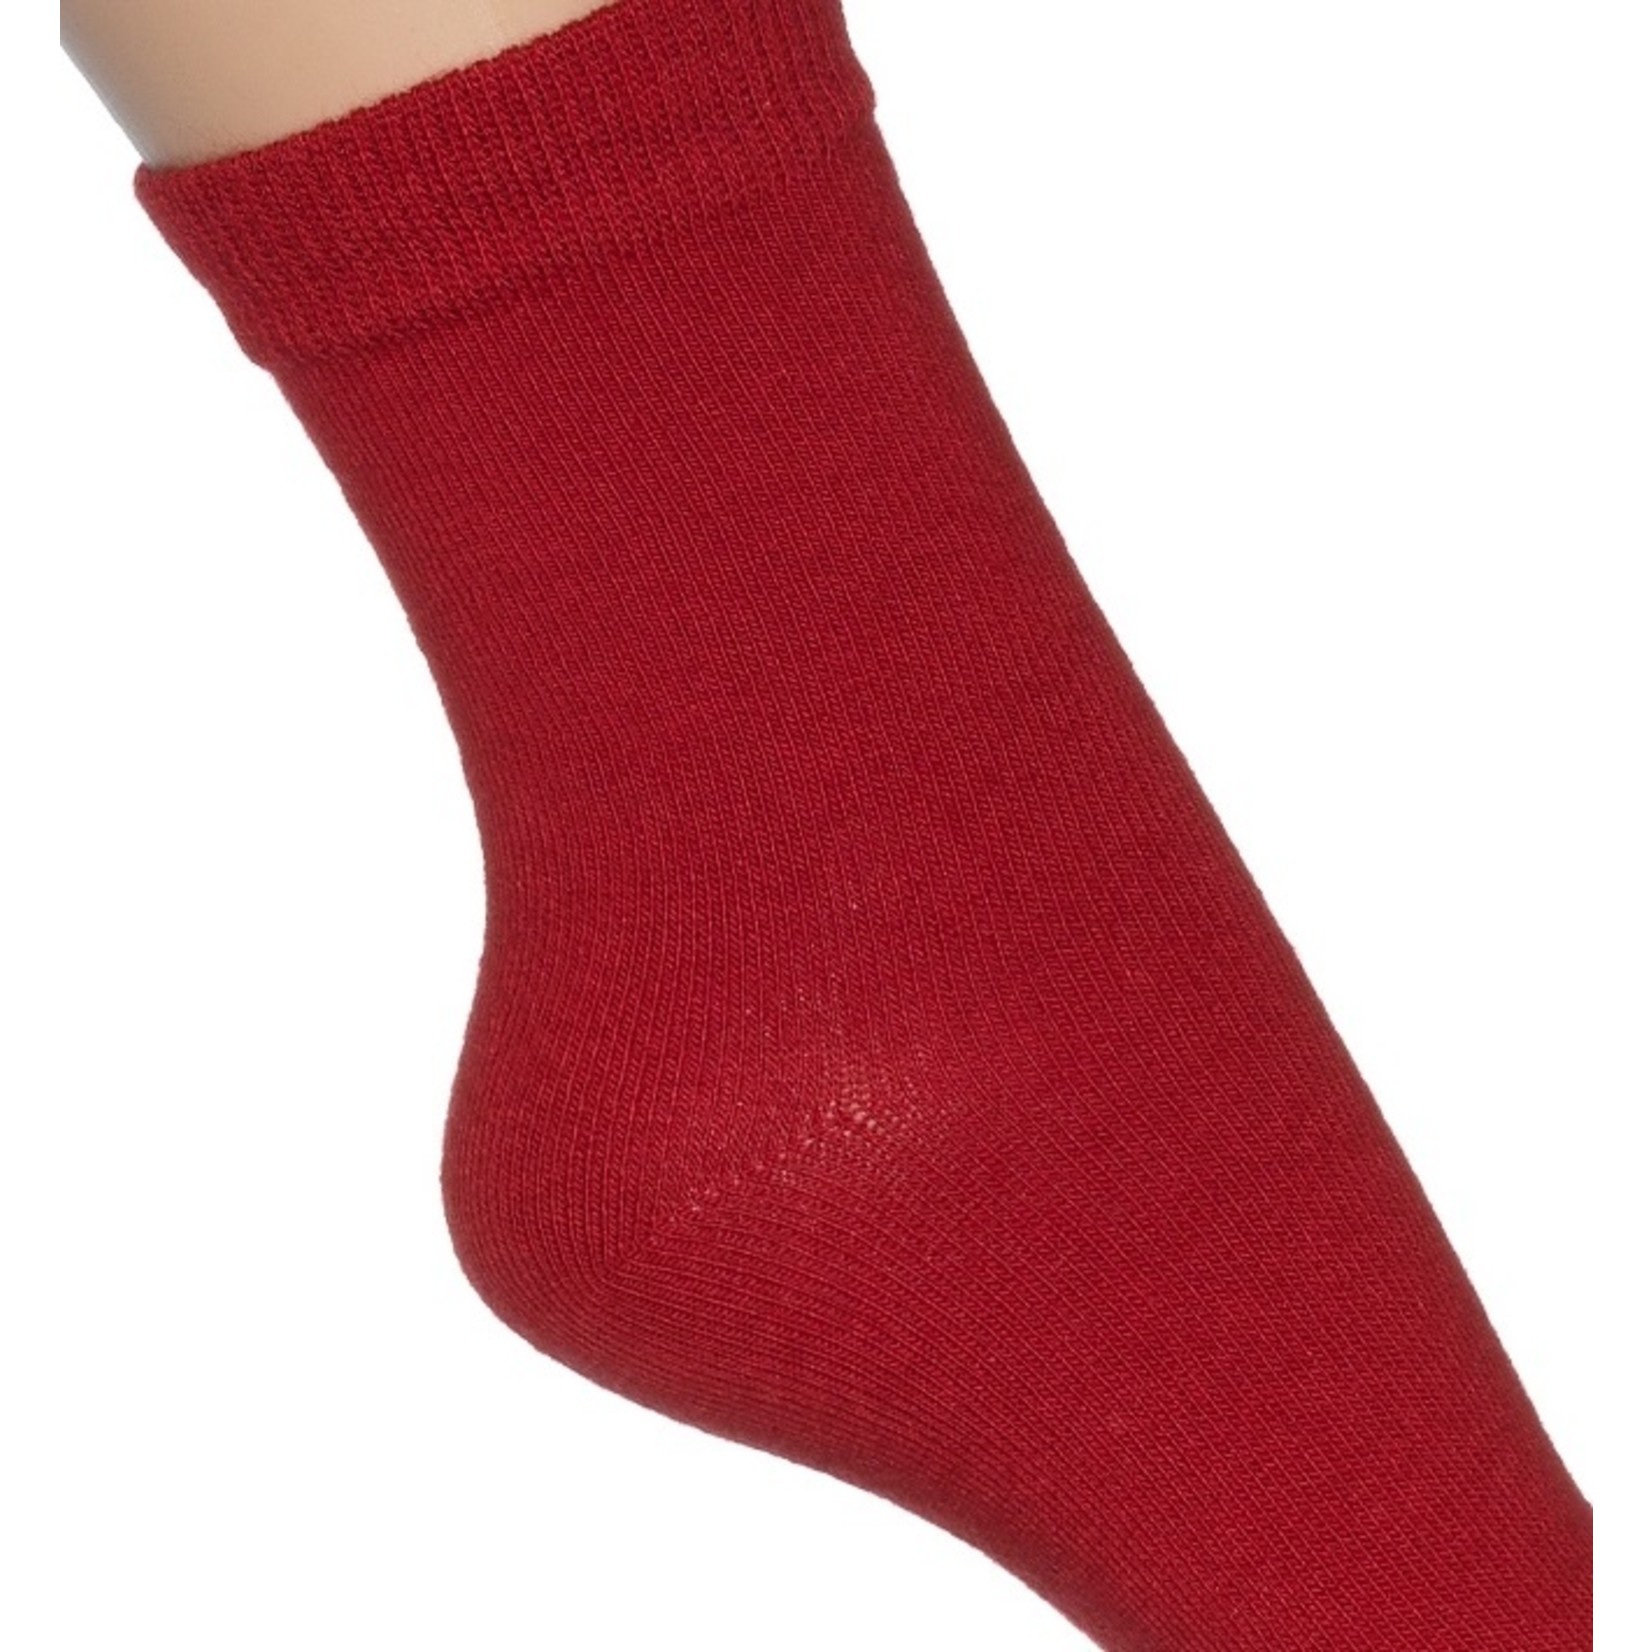 Bonnie Doon sokken maat 15/18 t/m 23/26